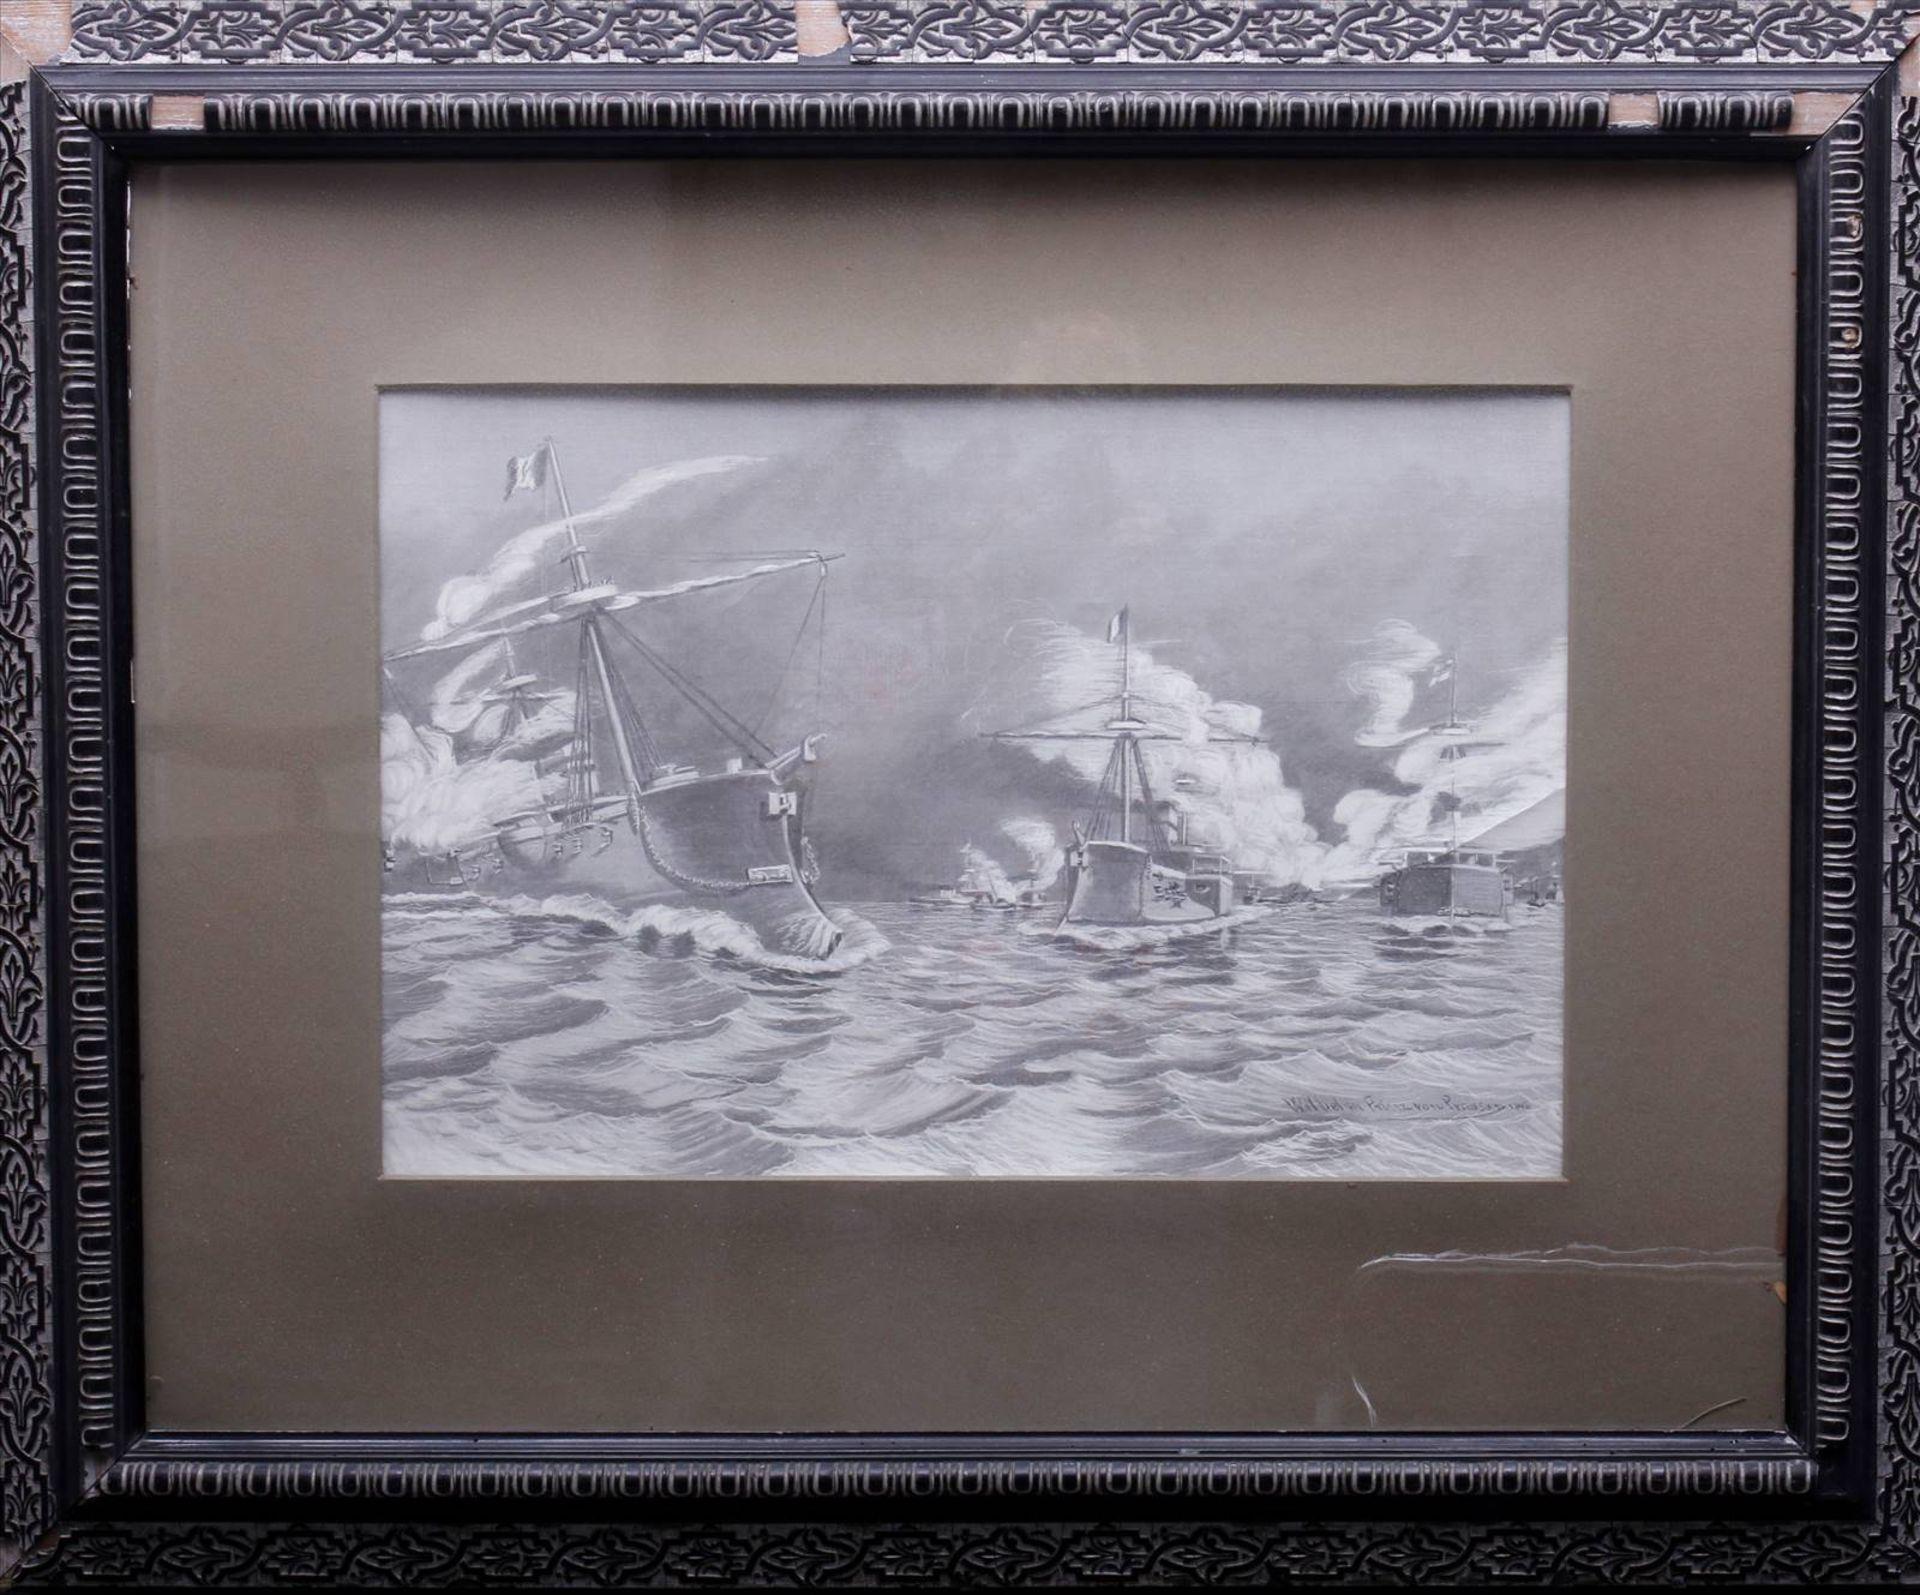 Wilhelm Prinz von Preußen, Kriegsschiffe der MarineDruck nach einem Gemälde, 1886, u.r. im Blatt